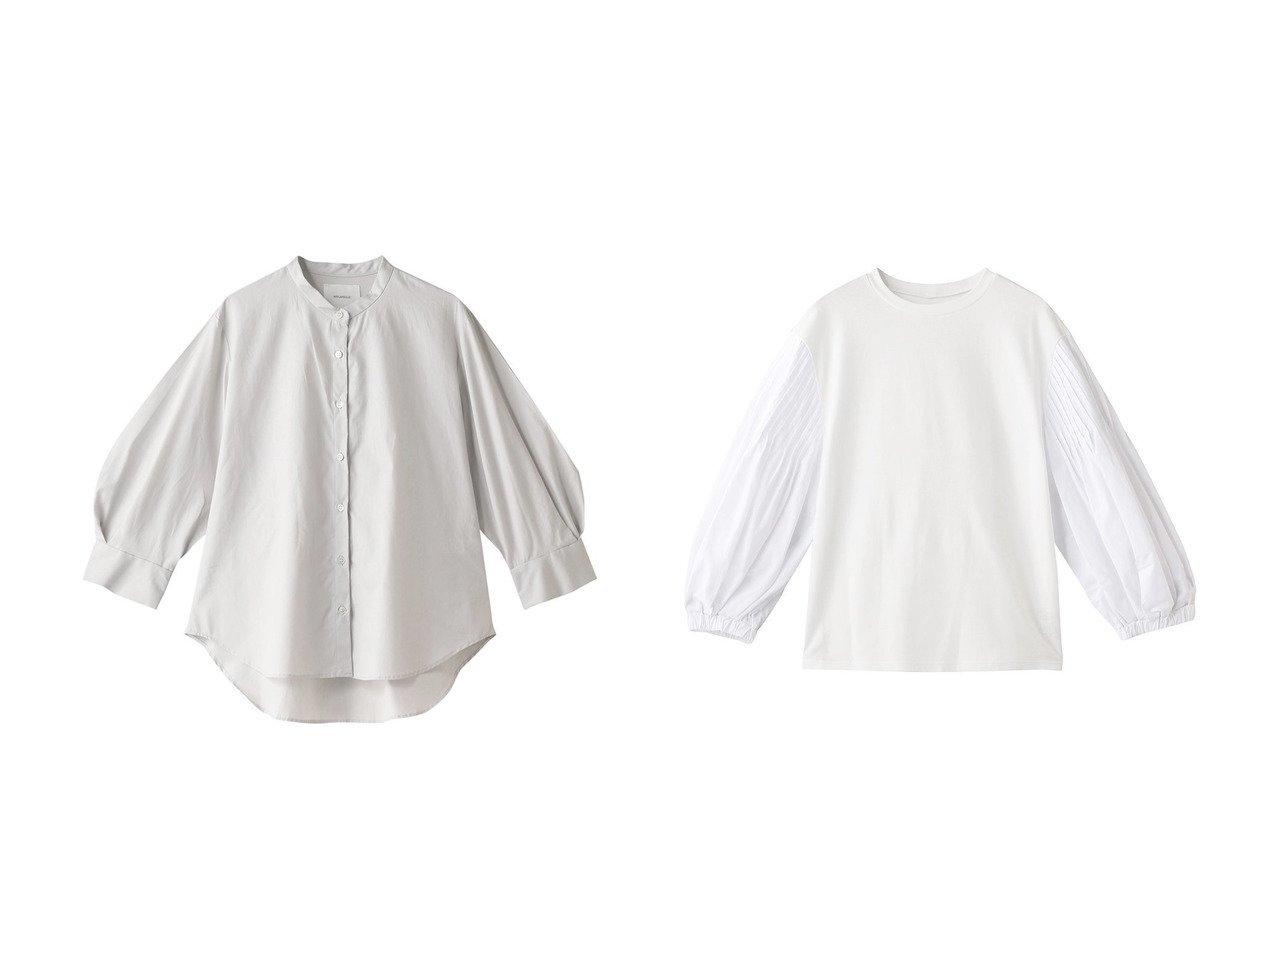 【ADORE/アドーア】のバイオポンチ袖切り替えカットソー&【MIDIUMISOLID/ミディウミソリッド】のシャツ 【トップス・カットソー】おすすめ!人気、トレンド・レディースファッションの通販 おすすめで人気の流行・トレンド、ファッションの通販商品 インテリア・家具・メンズファッション・キッズファッション・レディースファッション・服の通販 founy(ファニー) https://founy.com/ ファッション Fashion レディースファッション WOMEN トップス・カットソー Tops/Tshirt シャツ/ブラウス Shirts/Blouses ロング / Tシャツ T-Shirts カットソー Cut and Sewn ショート シンプル スタンド スリーブ カットソー トレンド フォルム ロング  ID:crp329100000047658